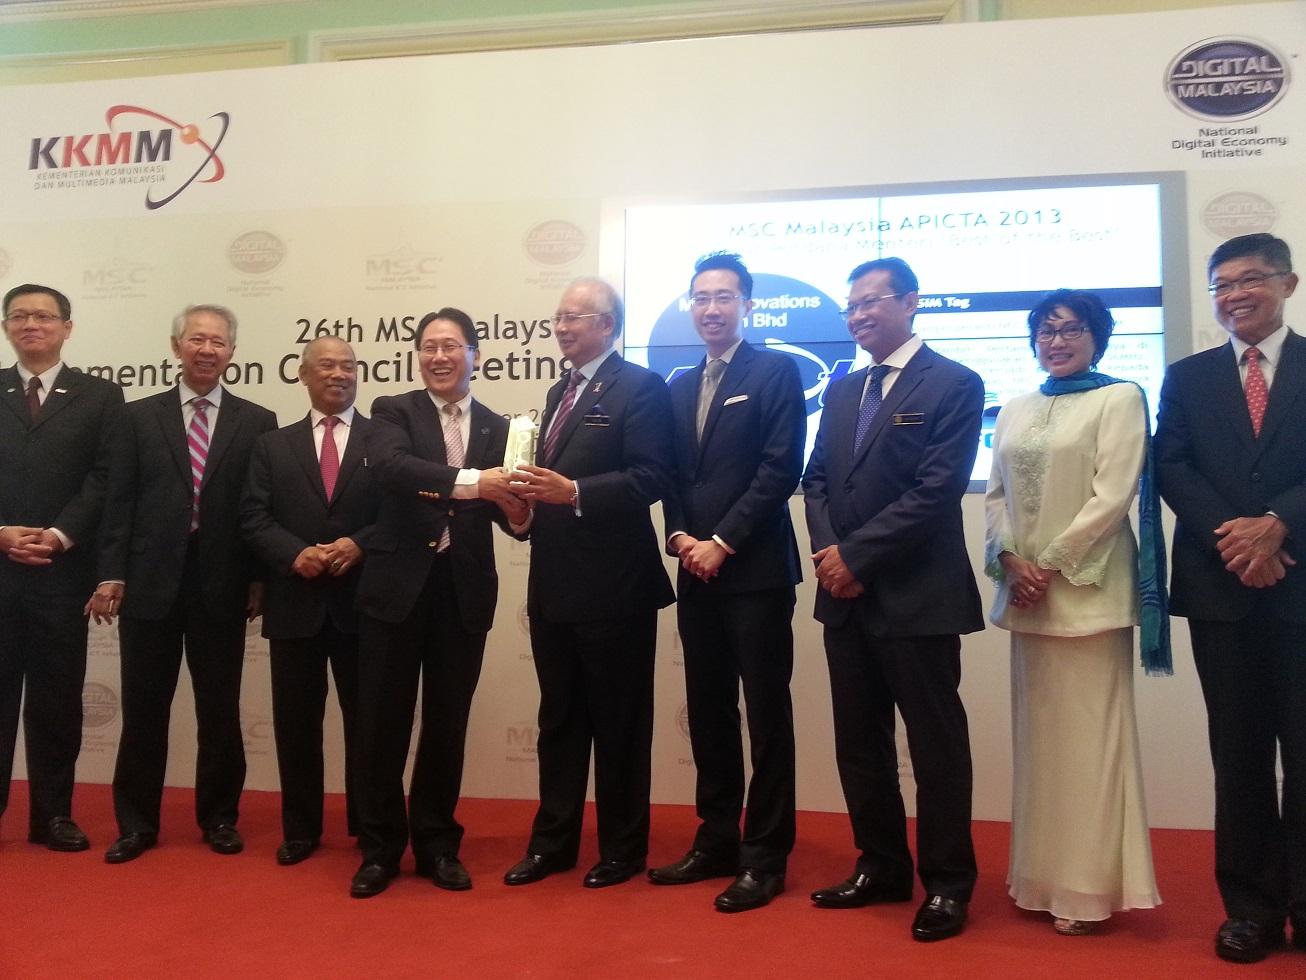 MDT-Innovations-is-MSC-APICTA-Prime-Minister-Best-of-the-Best-Winner